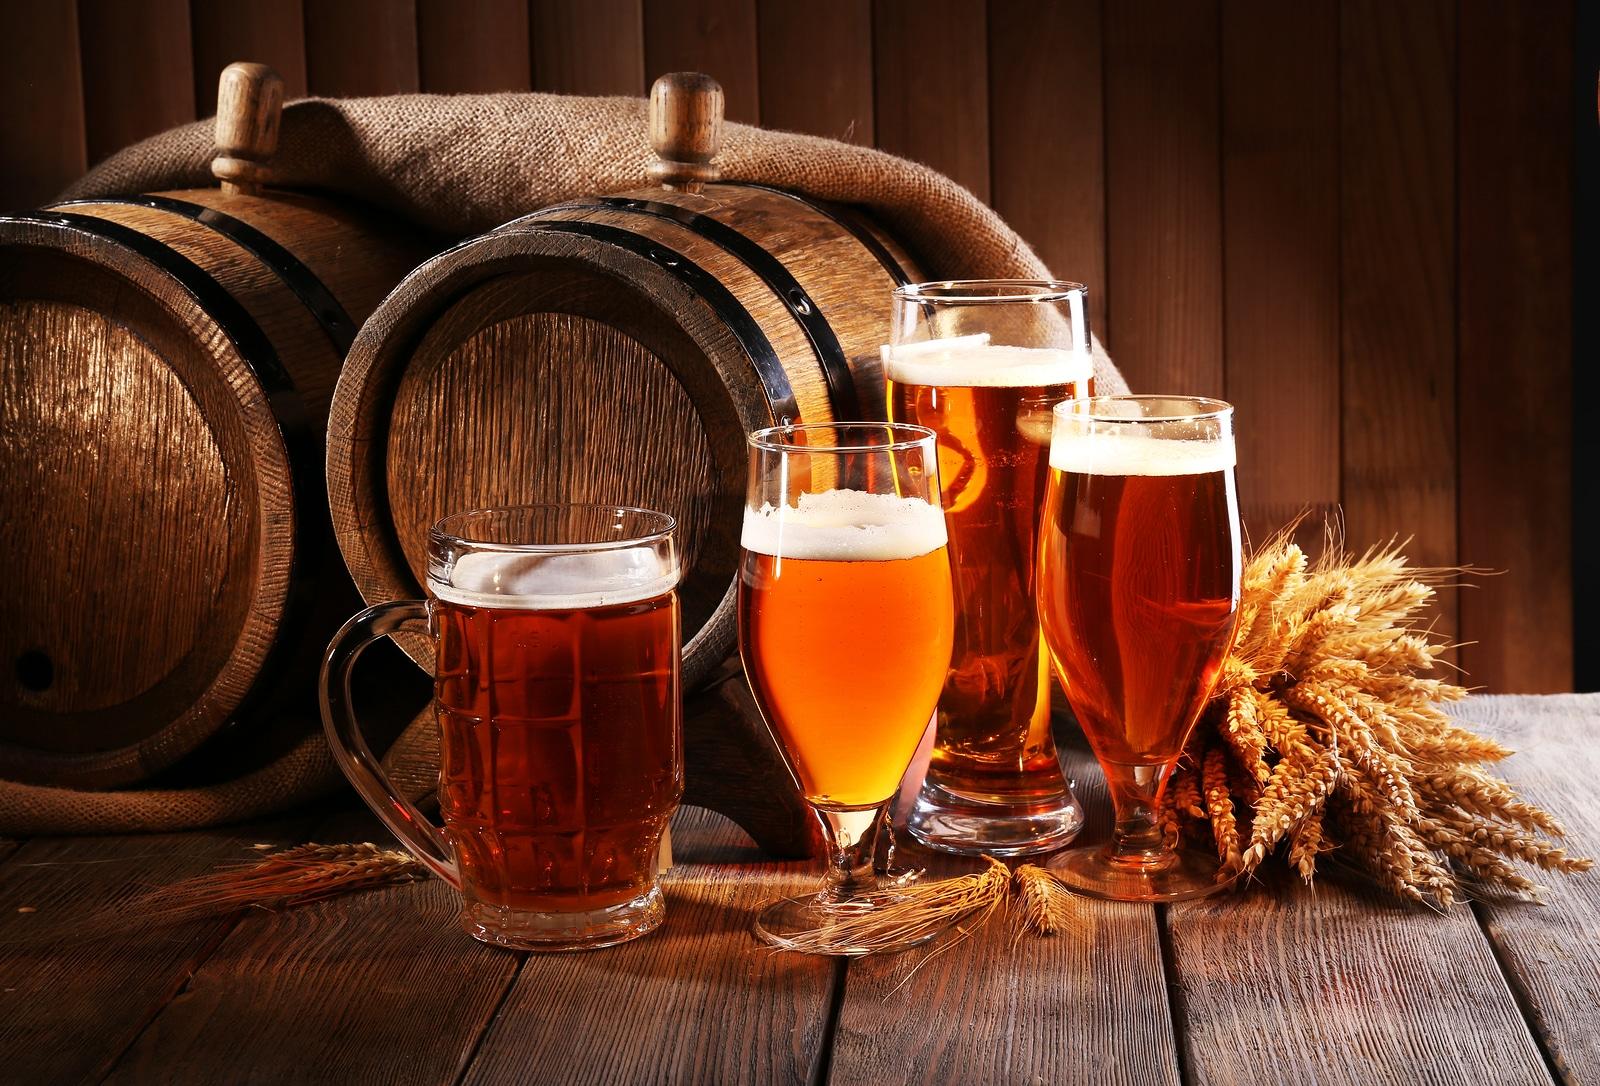 ¿Cómo es que la cerveza devuelve el brillo a tu cabello?